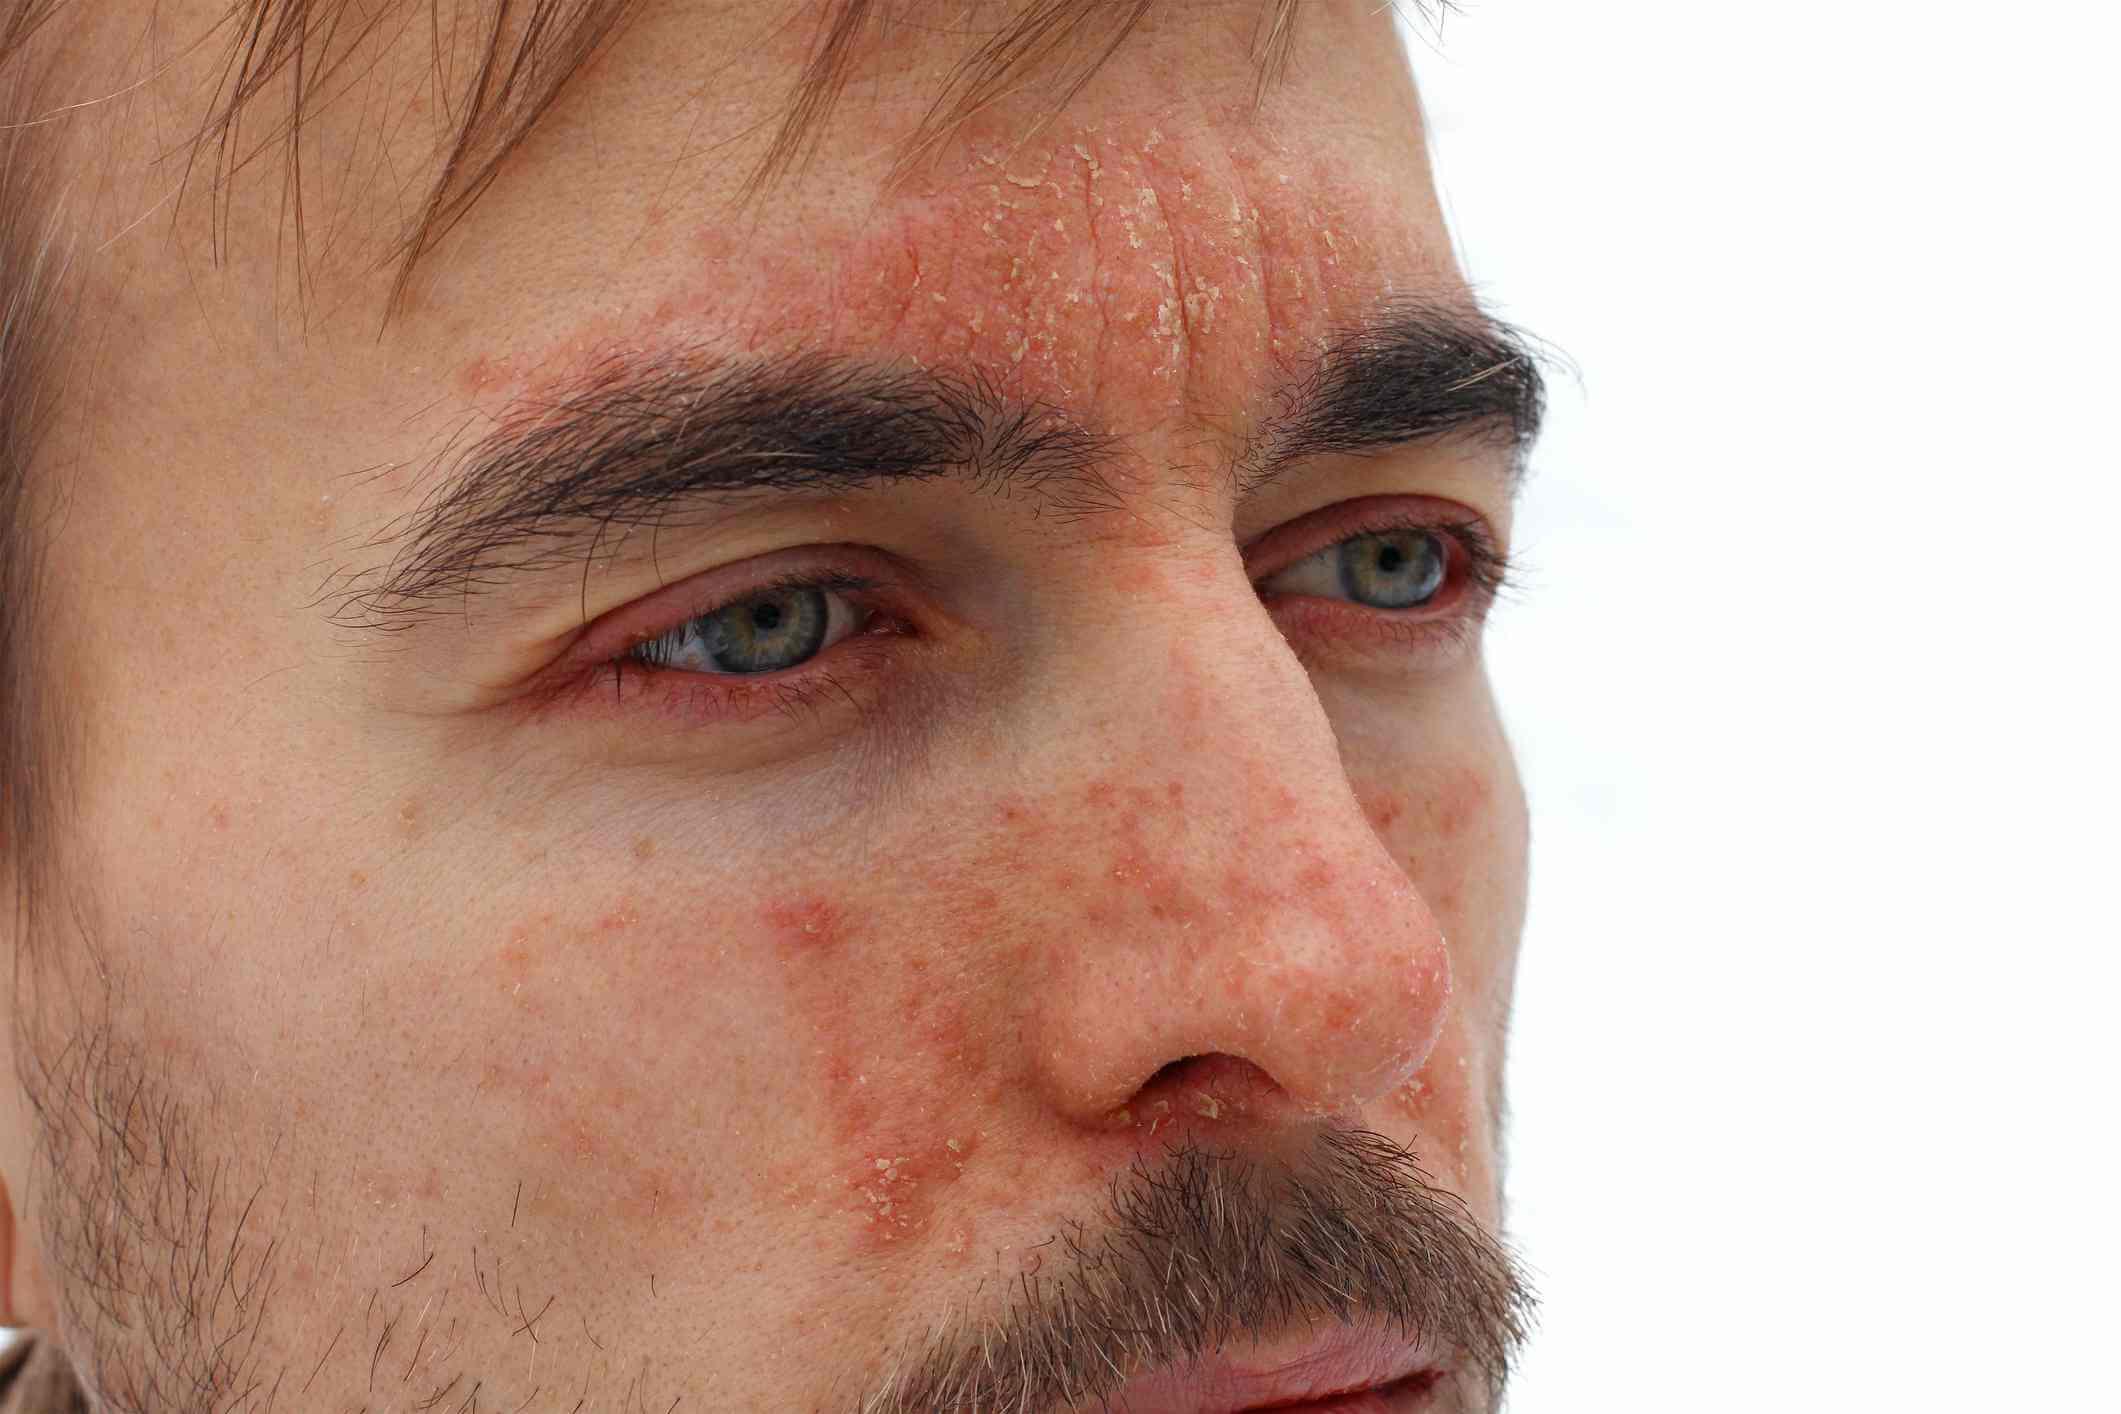 facial psoriasis